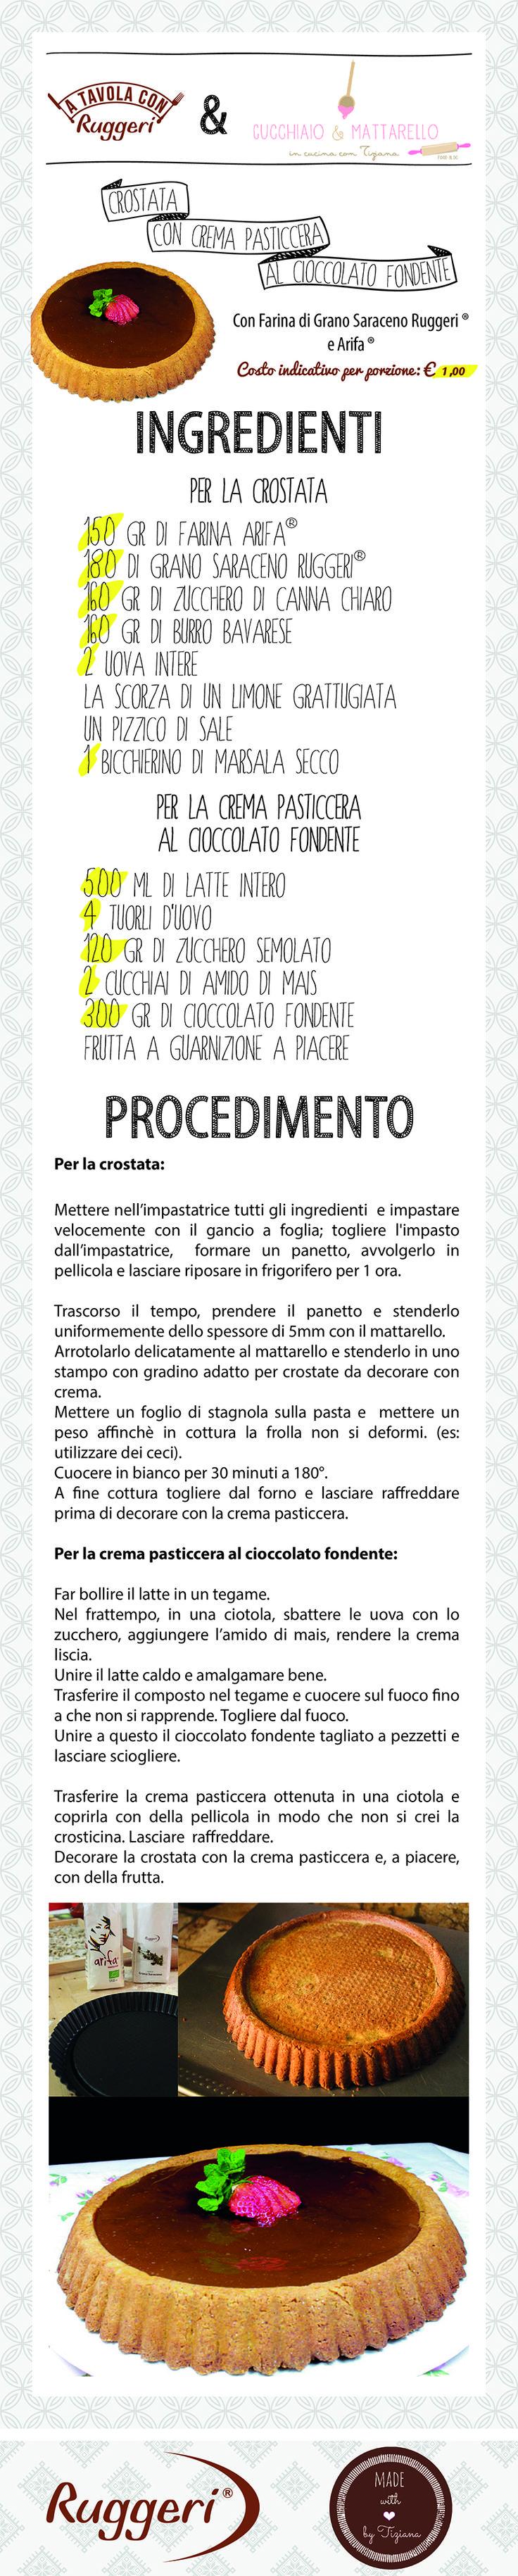 Ricetta per crostata con crema pasticcera al cioccolato fondente. Prodotti Ruggeri utilizzati: - Farina di Grano Saraceno Ruggeri, - Arifa.  http://www.ruggerishop.it/it/ http://blog.alice.tv/cucchiaioemattarello/